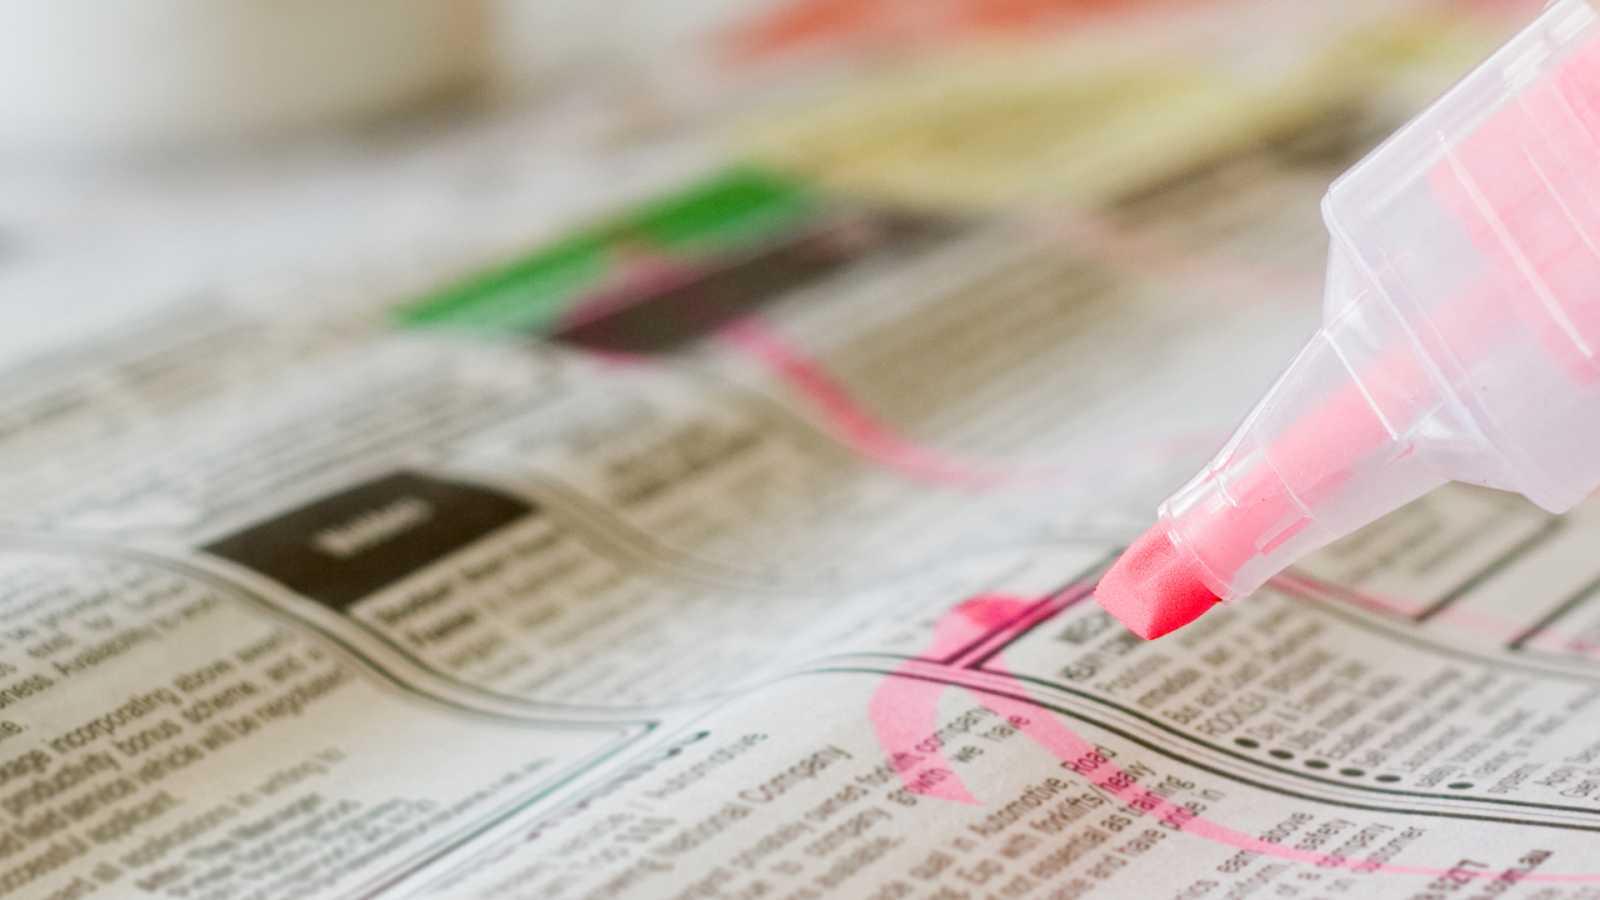 La prensa canaria retira a partir del 1 de mayo los anuncios sobre prostitución por atentar contra la dignidad de la mujer.